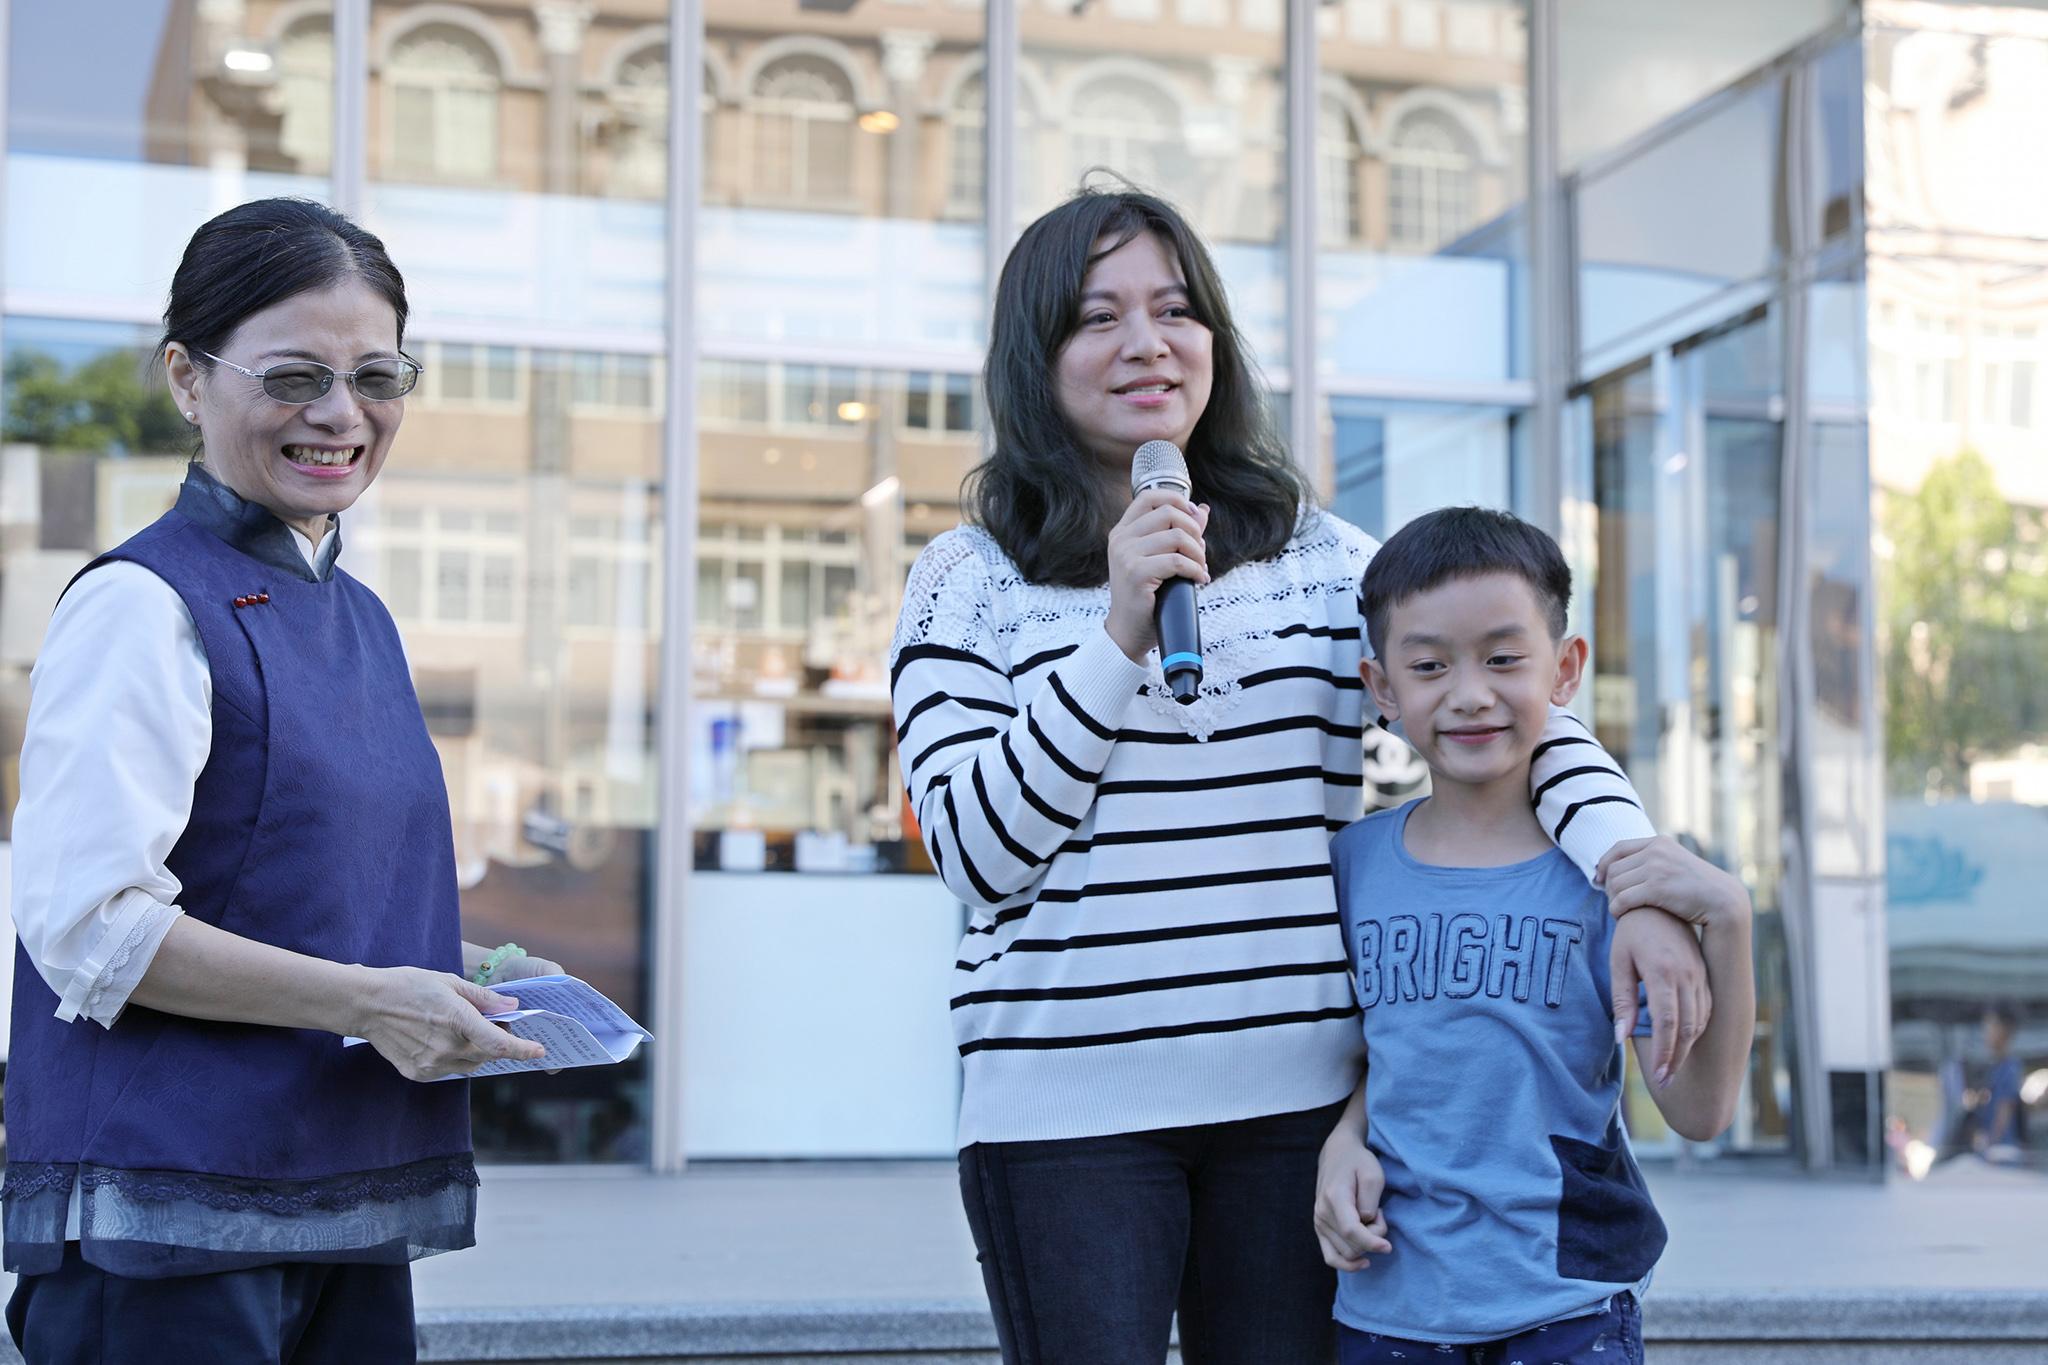 王皖伶(中)代表受贈者說,很謝謝捐贈造血幹細胞給我的有心人,讓我可以陪著小孩長大。